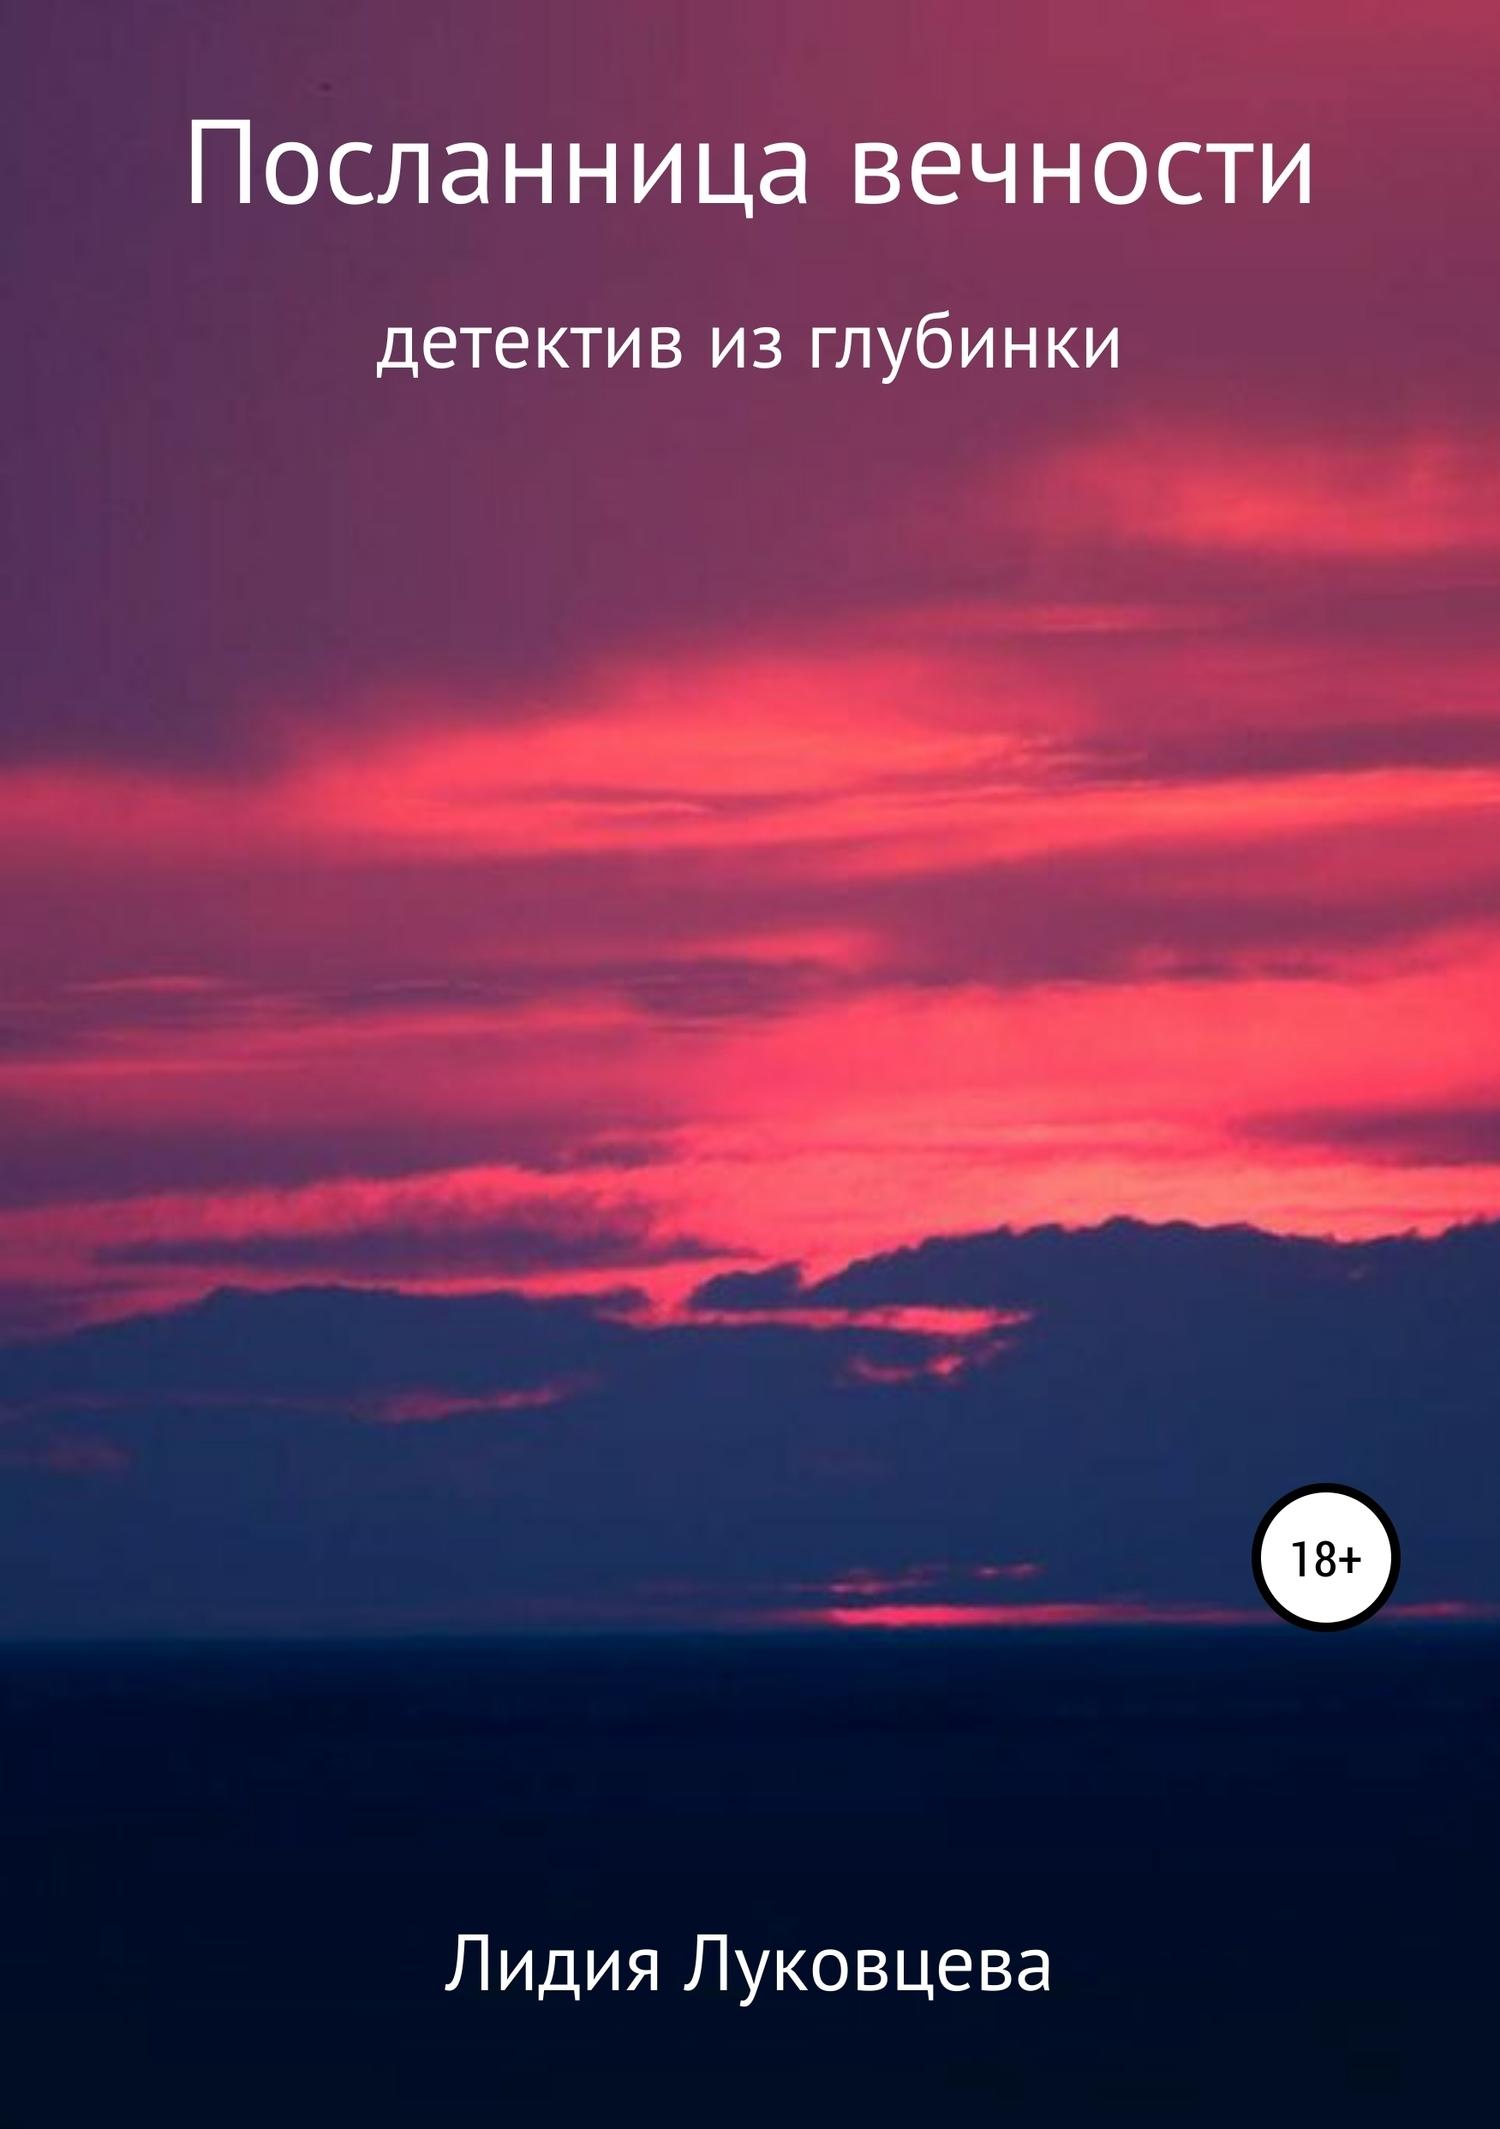 Лидия Луковцева - Посланница вечности